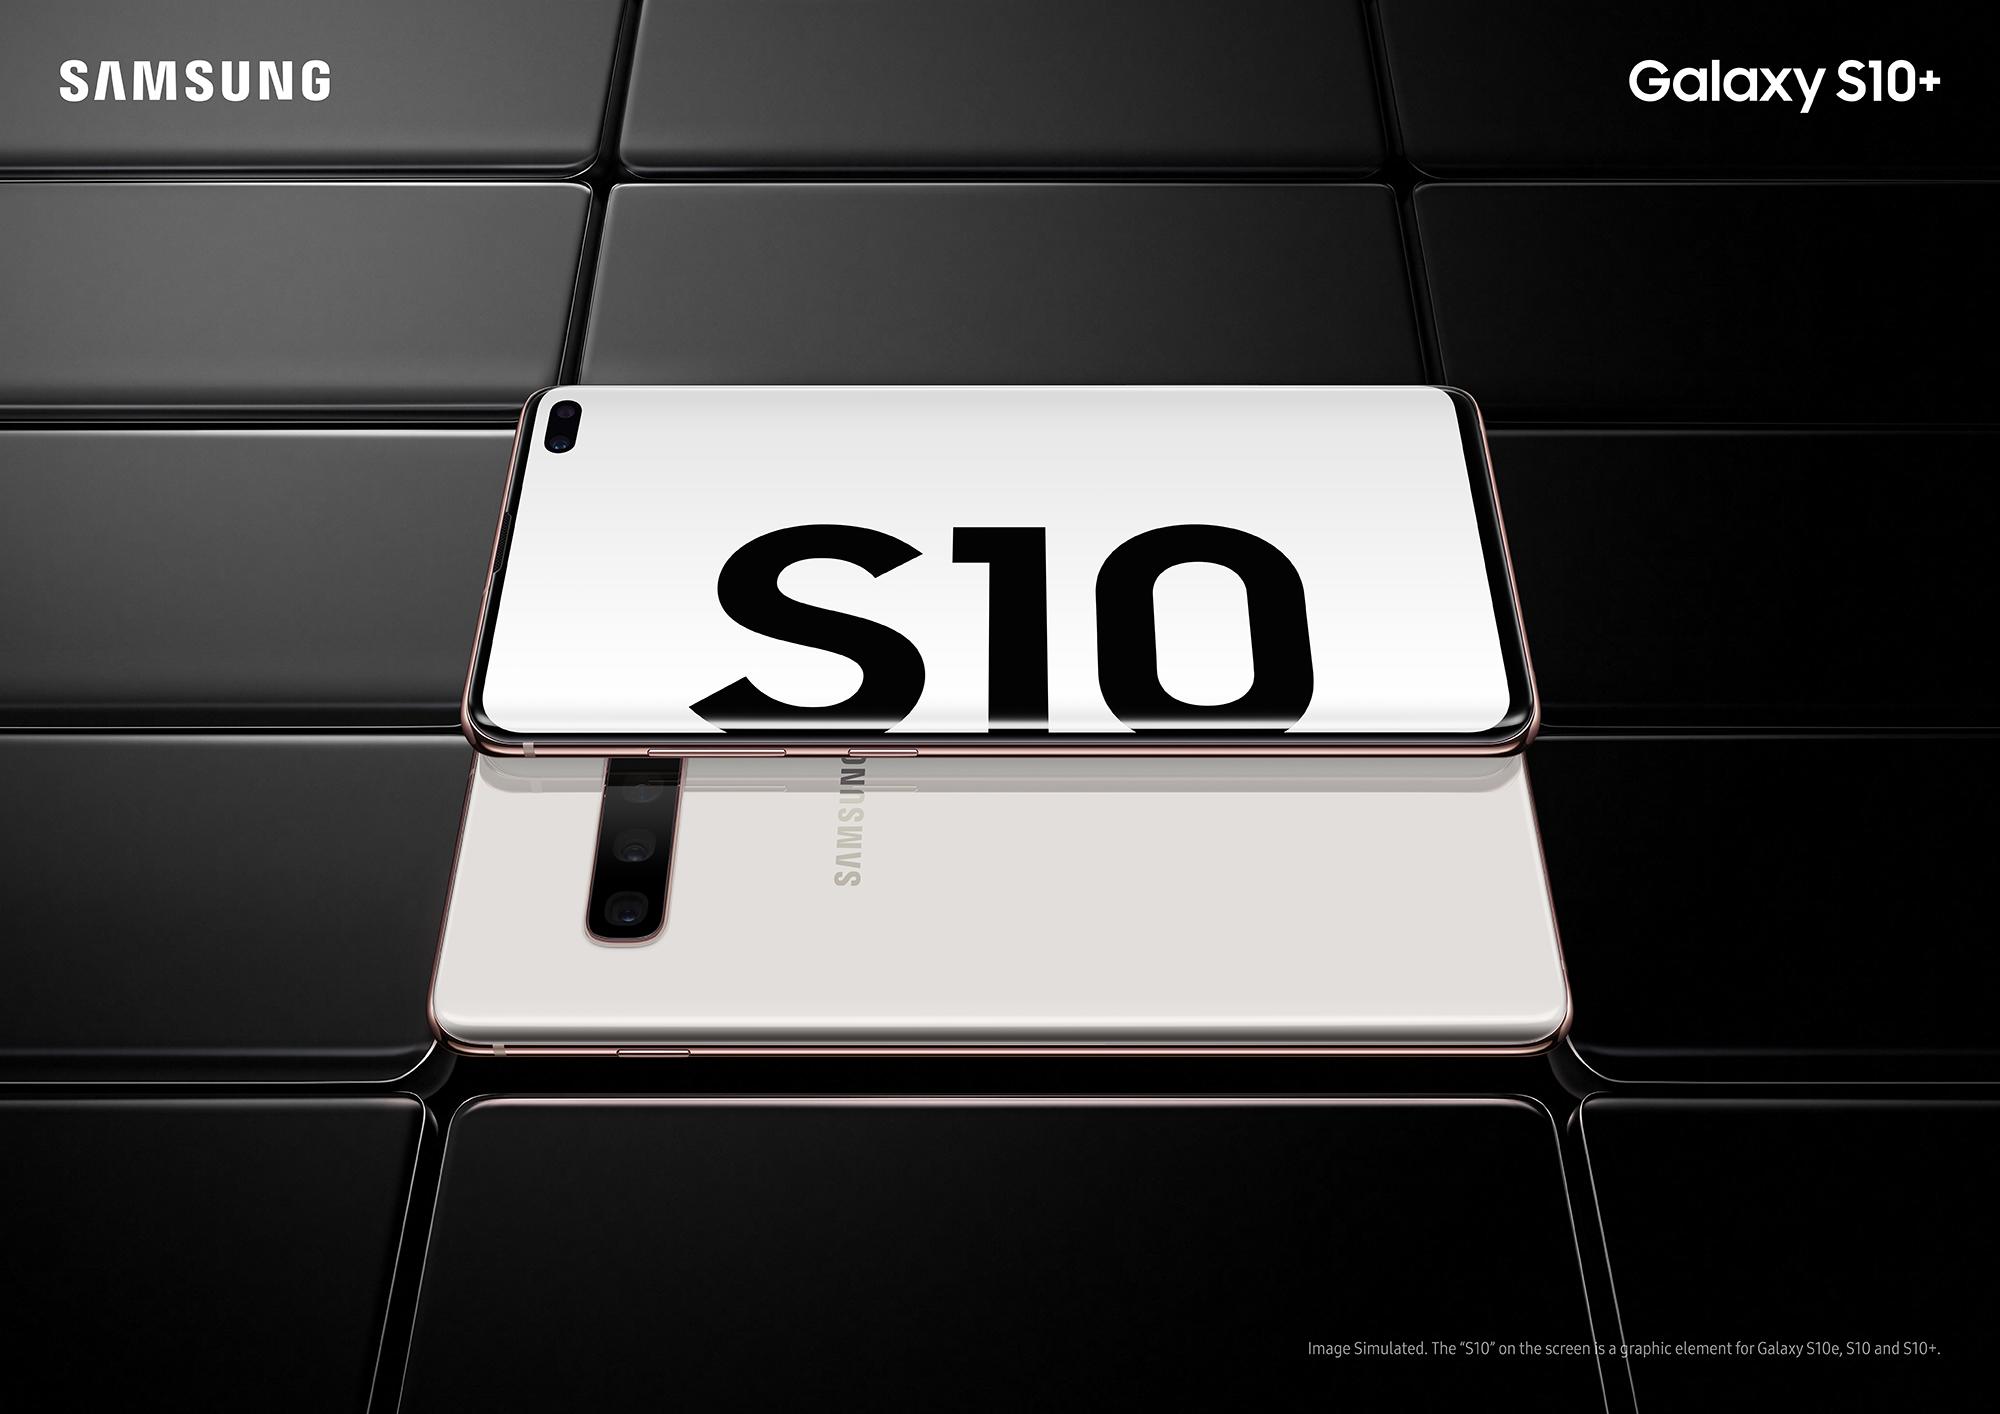 Samsung Galaxy S10 smartphones.